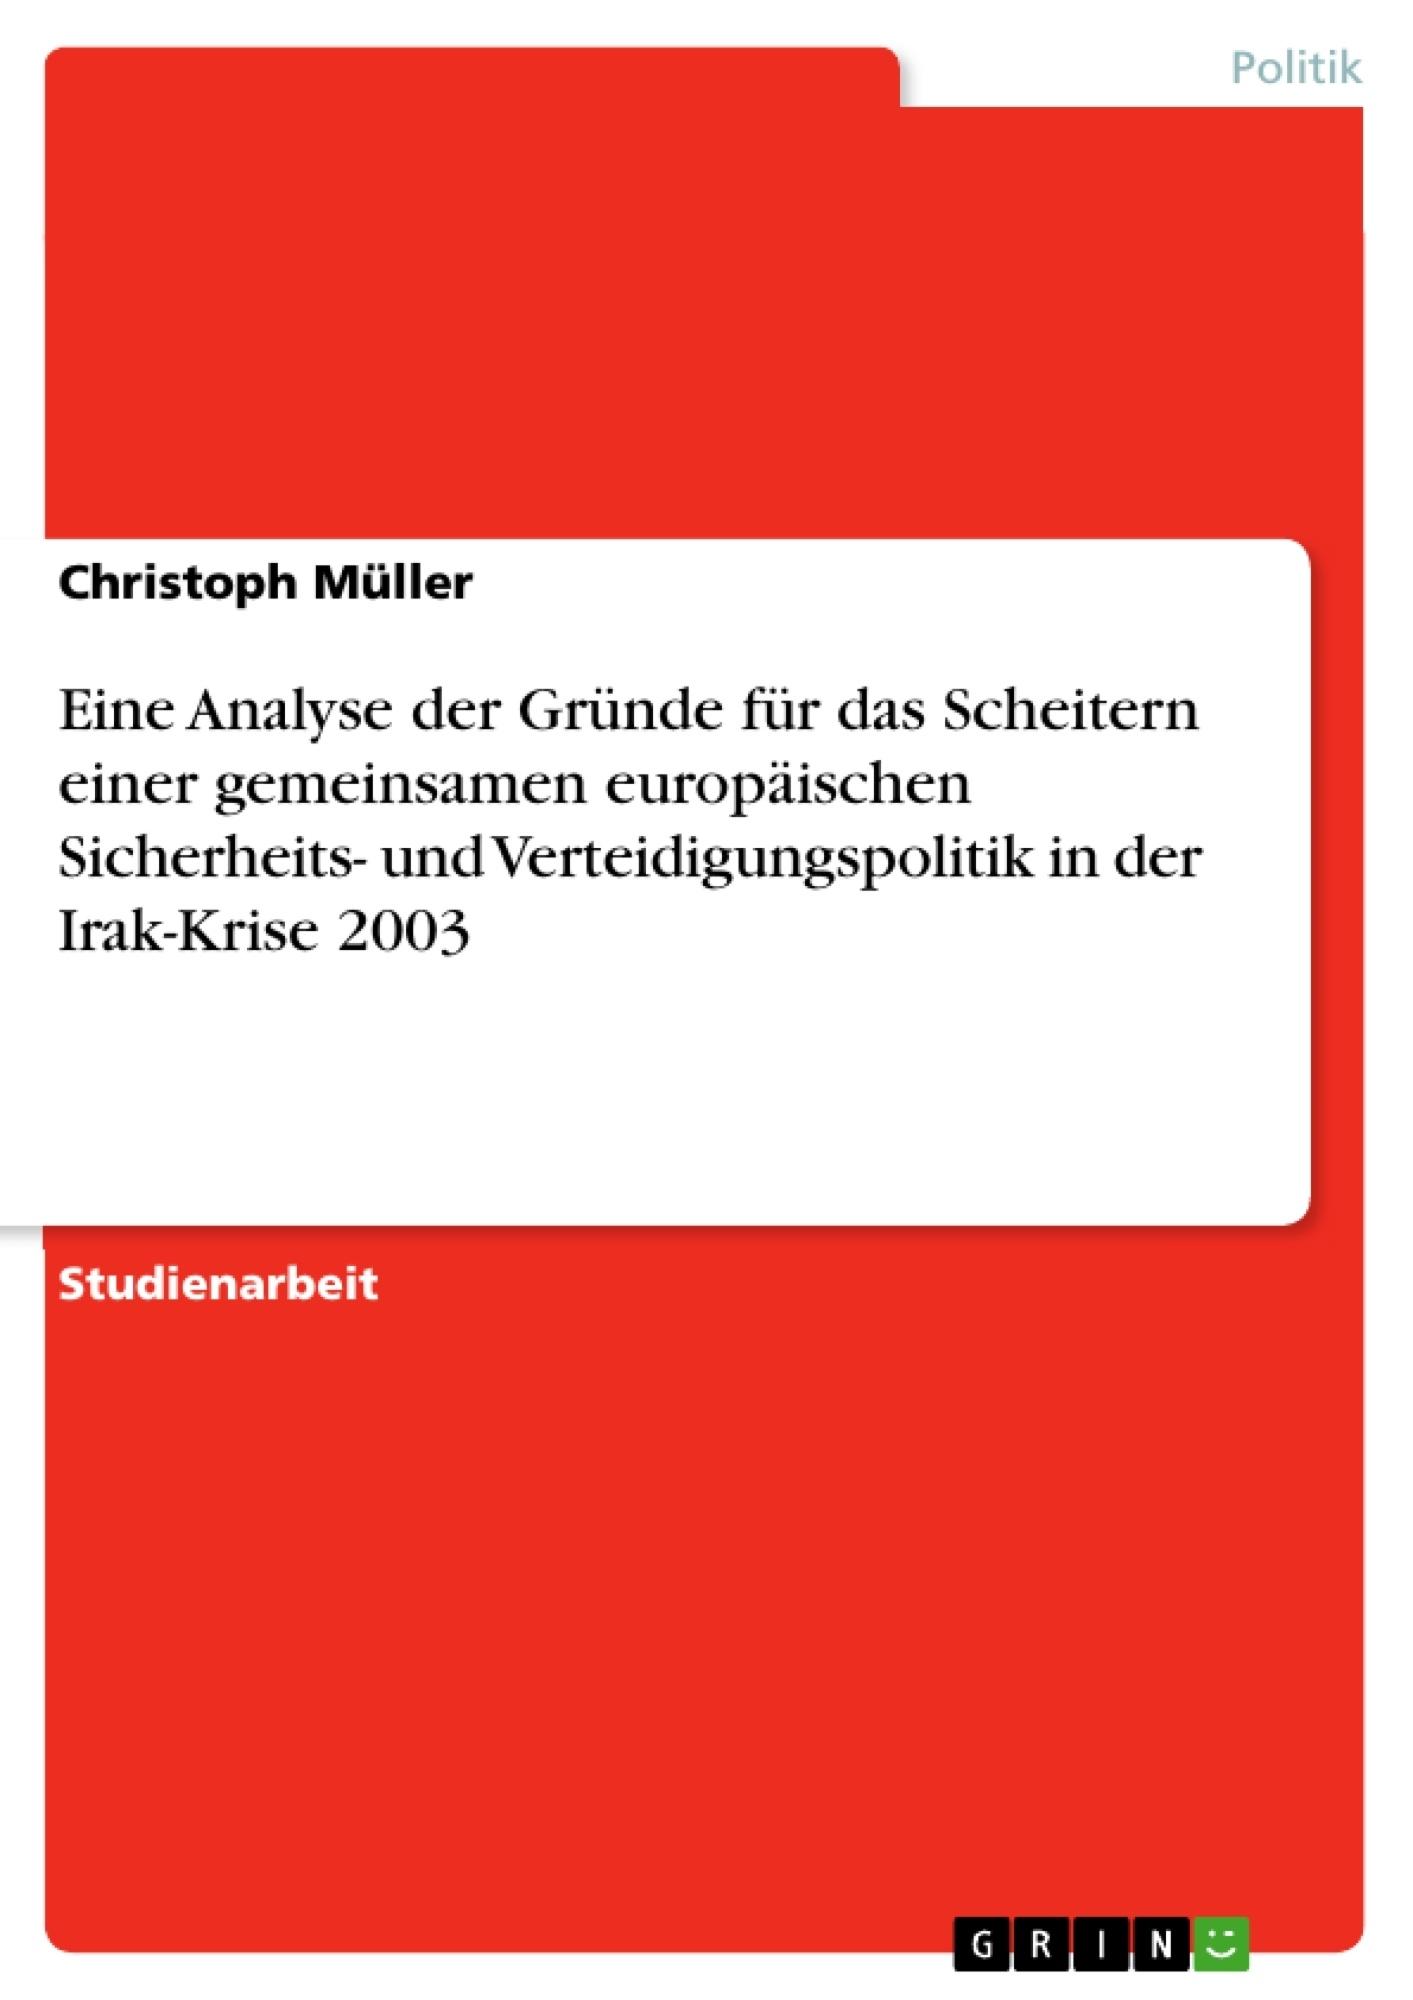 Titel: Eine Analyse der Gründe für das Scheitern einer gemeinsamen europäischen Sicherheits- und Verteidigungspolitik in der Irak-Krise 2003